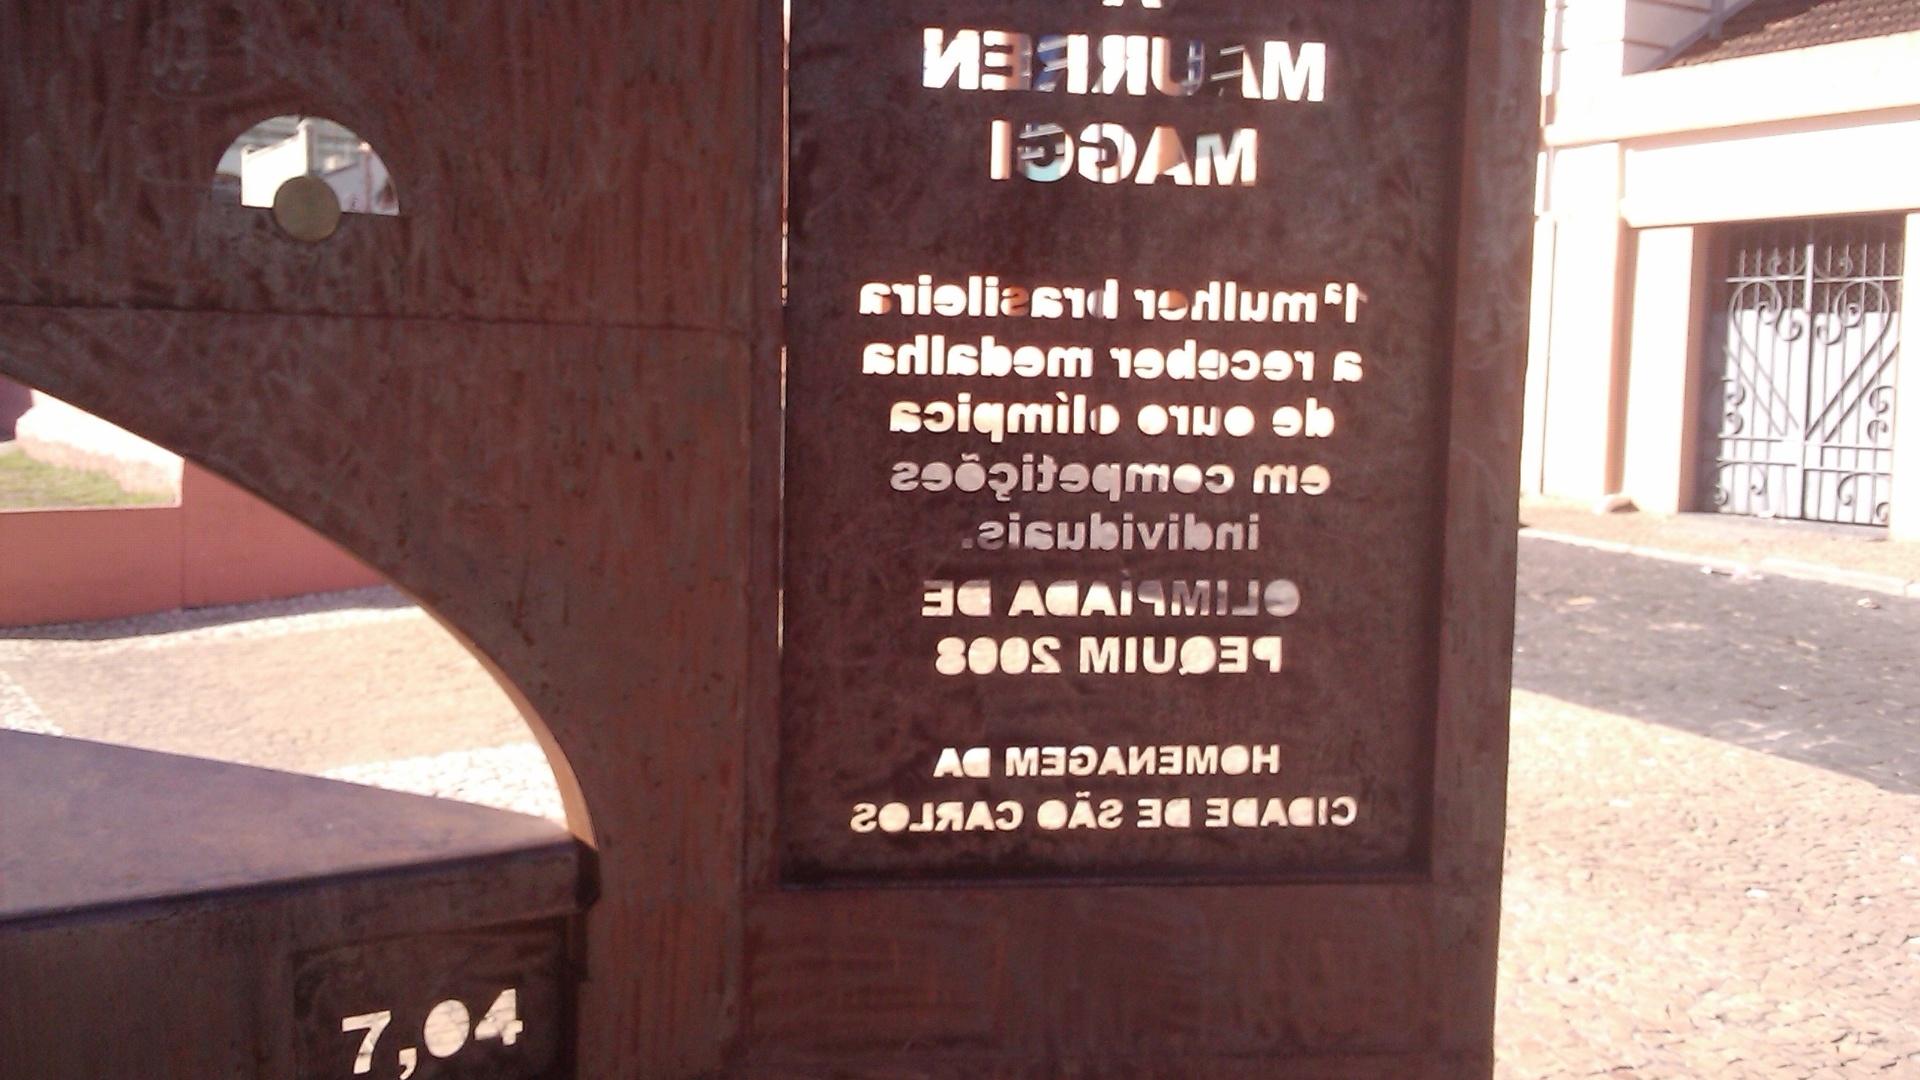 Imagem mostra que é impossível ler corretamente os números da marca e a mensagem escrita para Maurren observando pelo mesmo lado do monumento